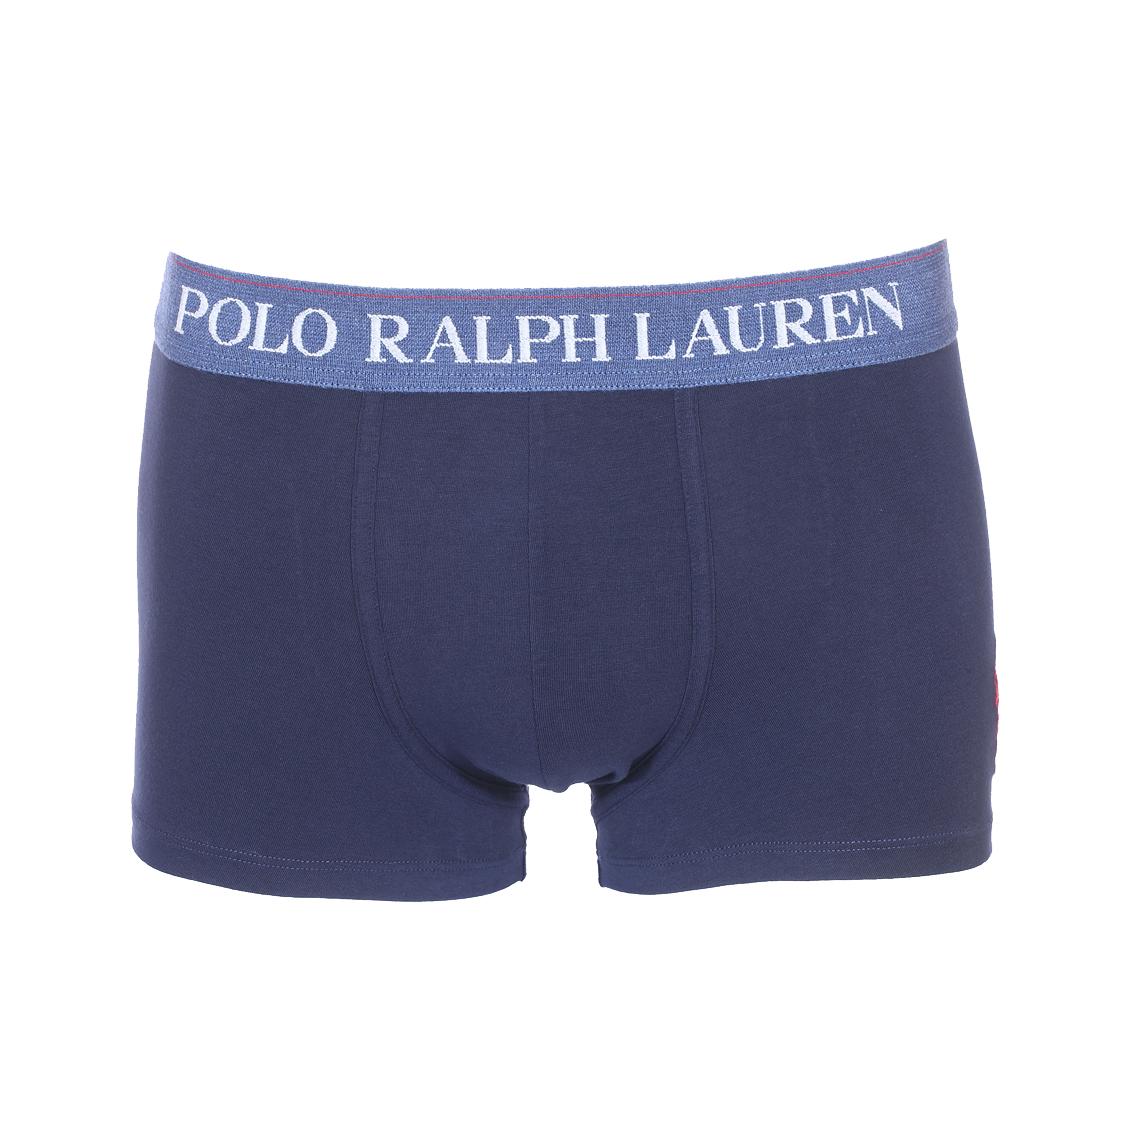 Boxer  en coton stretch bleu marine à ceinture bleu indigo